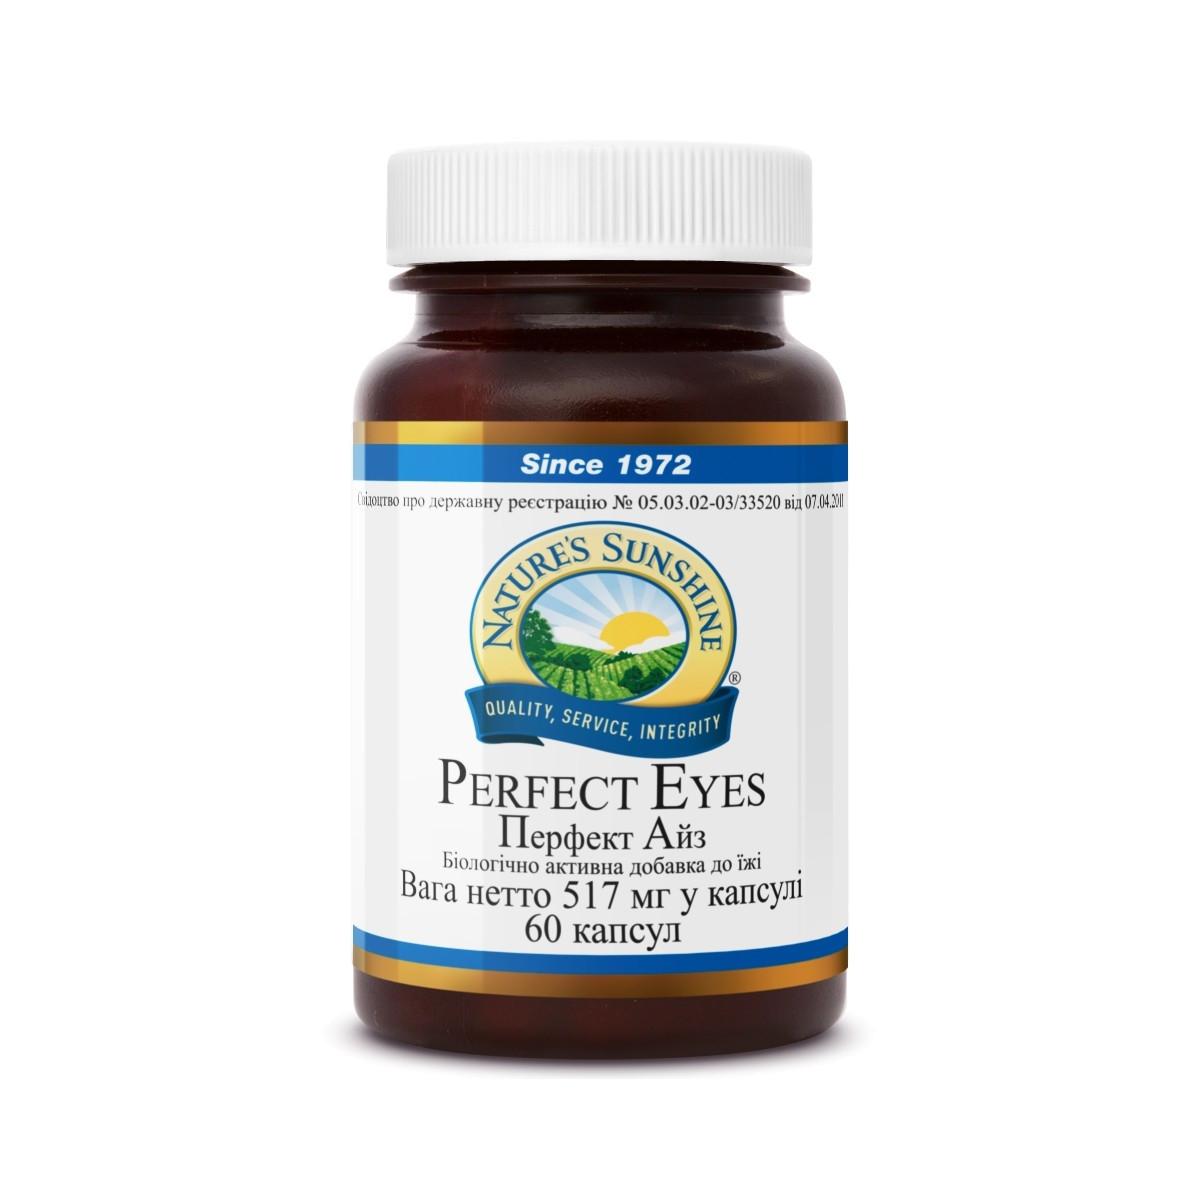 Черника для зрения - Перфект Айс  бад НСП -  витамины для глаз.